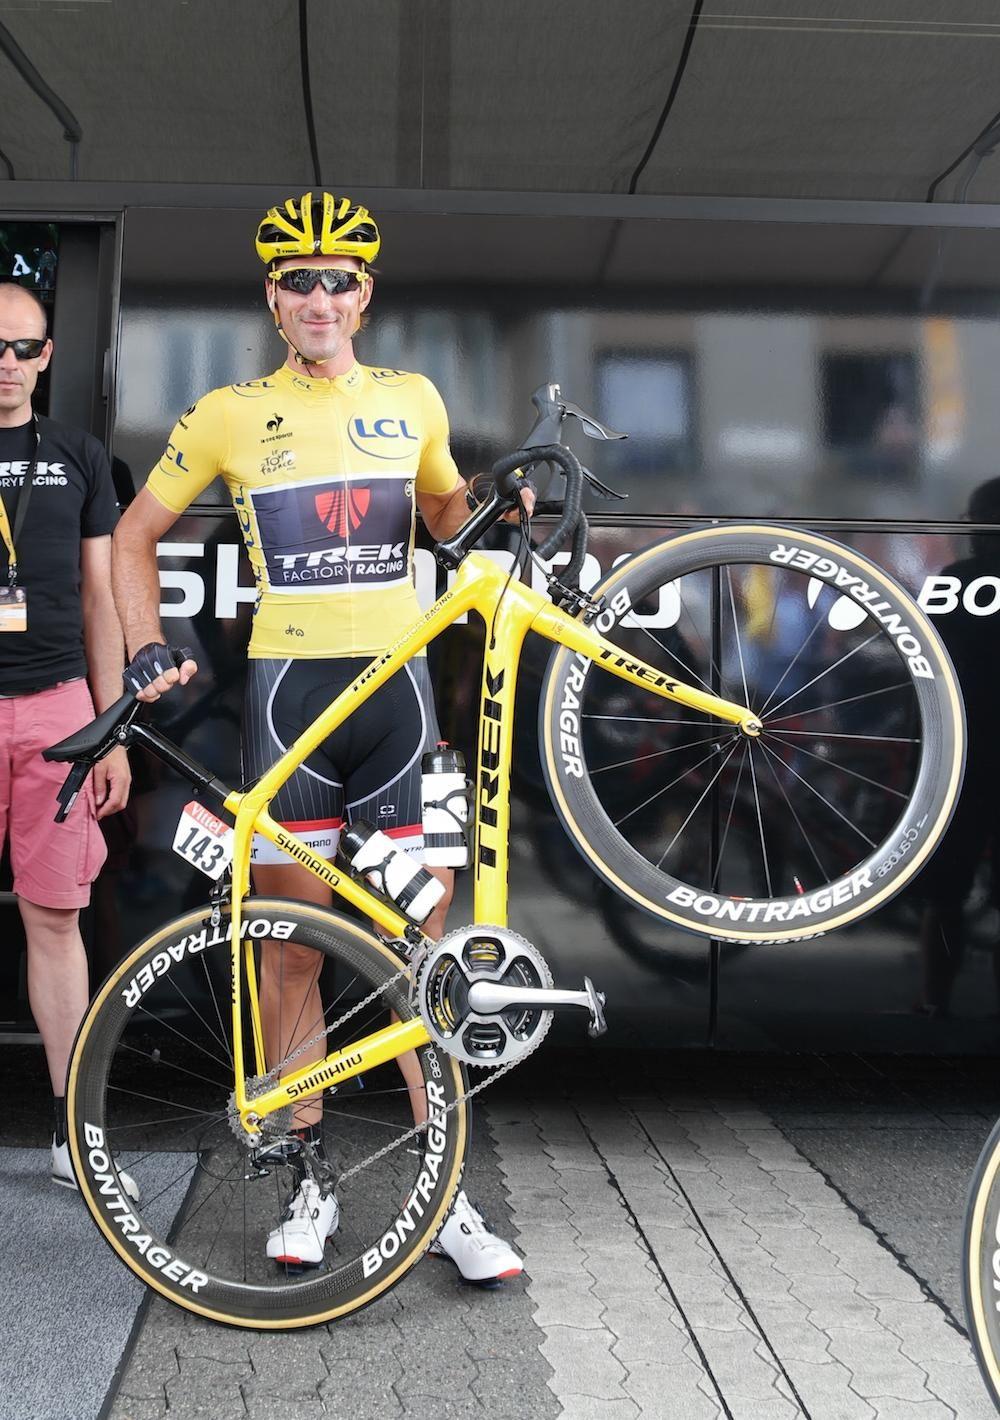 Yellow Trek Bike : yellow, TweetDeck, Bicycle,, Cycling, Race,, Bicycle